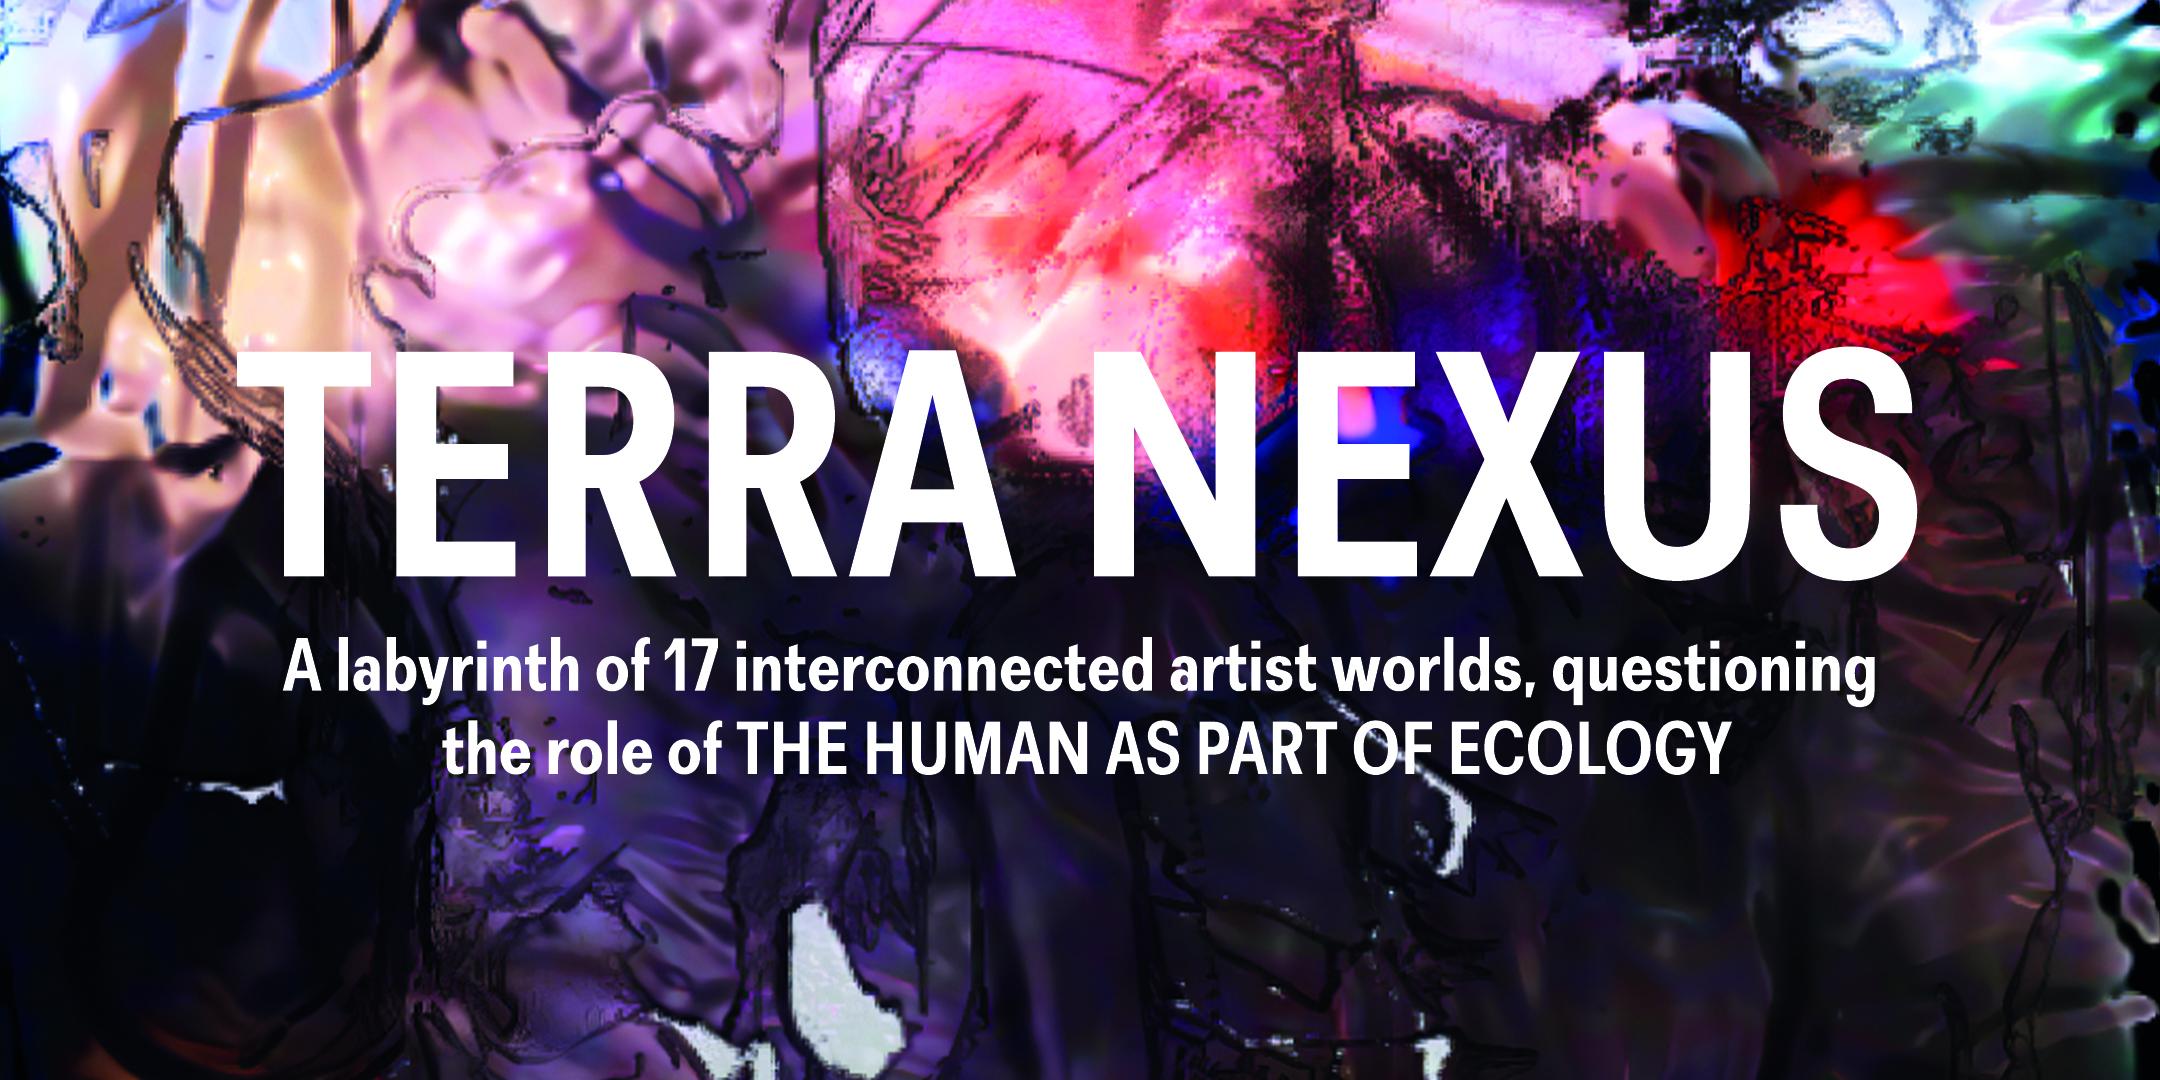 TERRA NEXUS